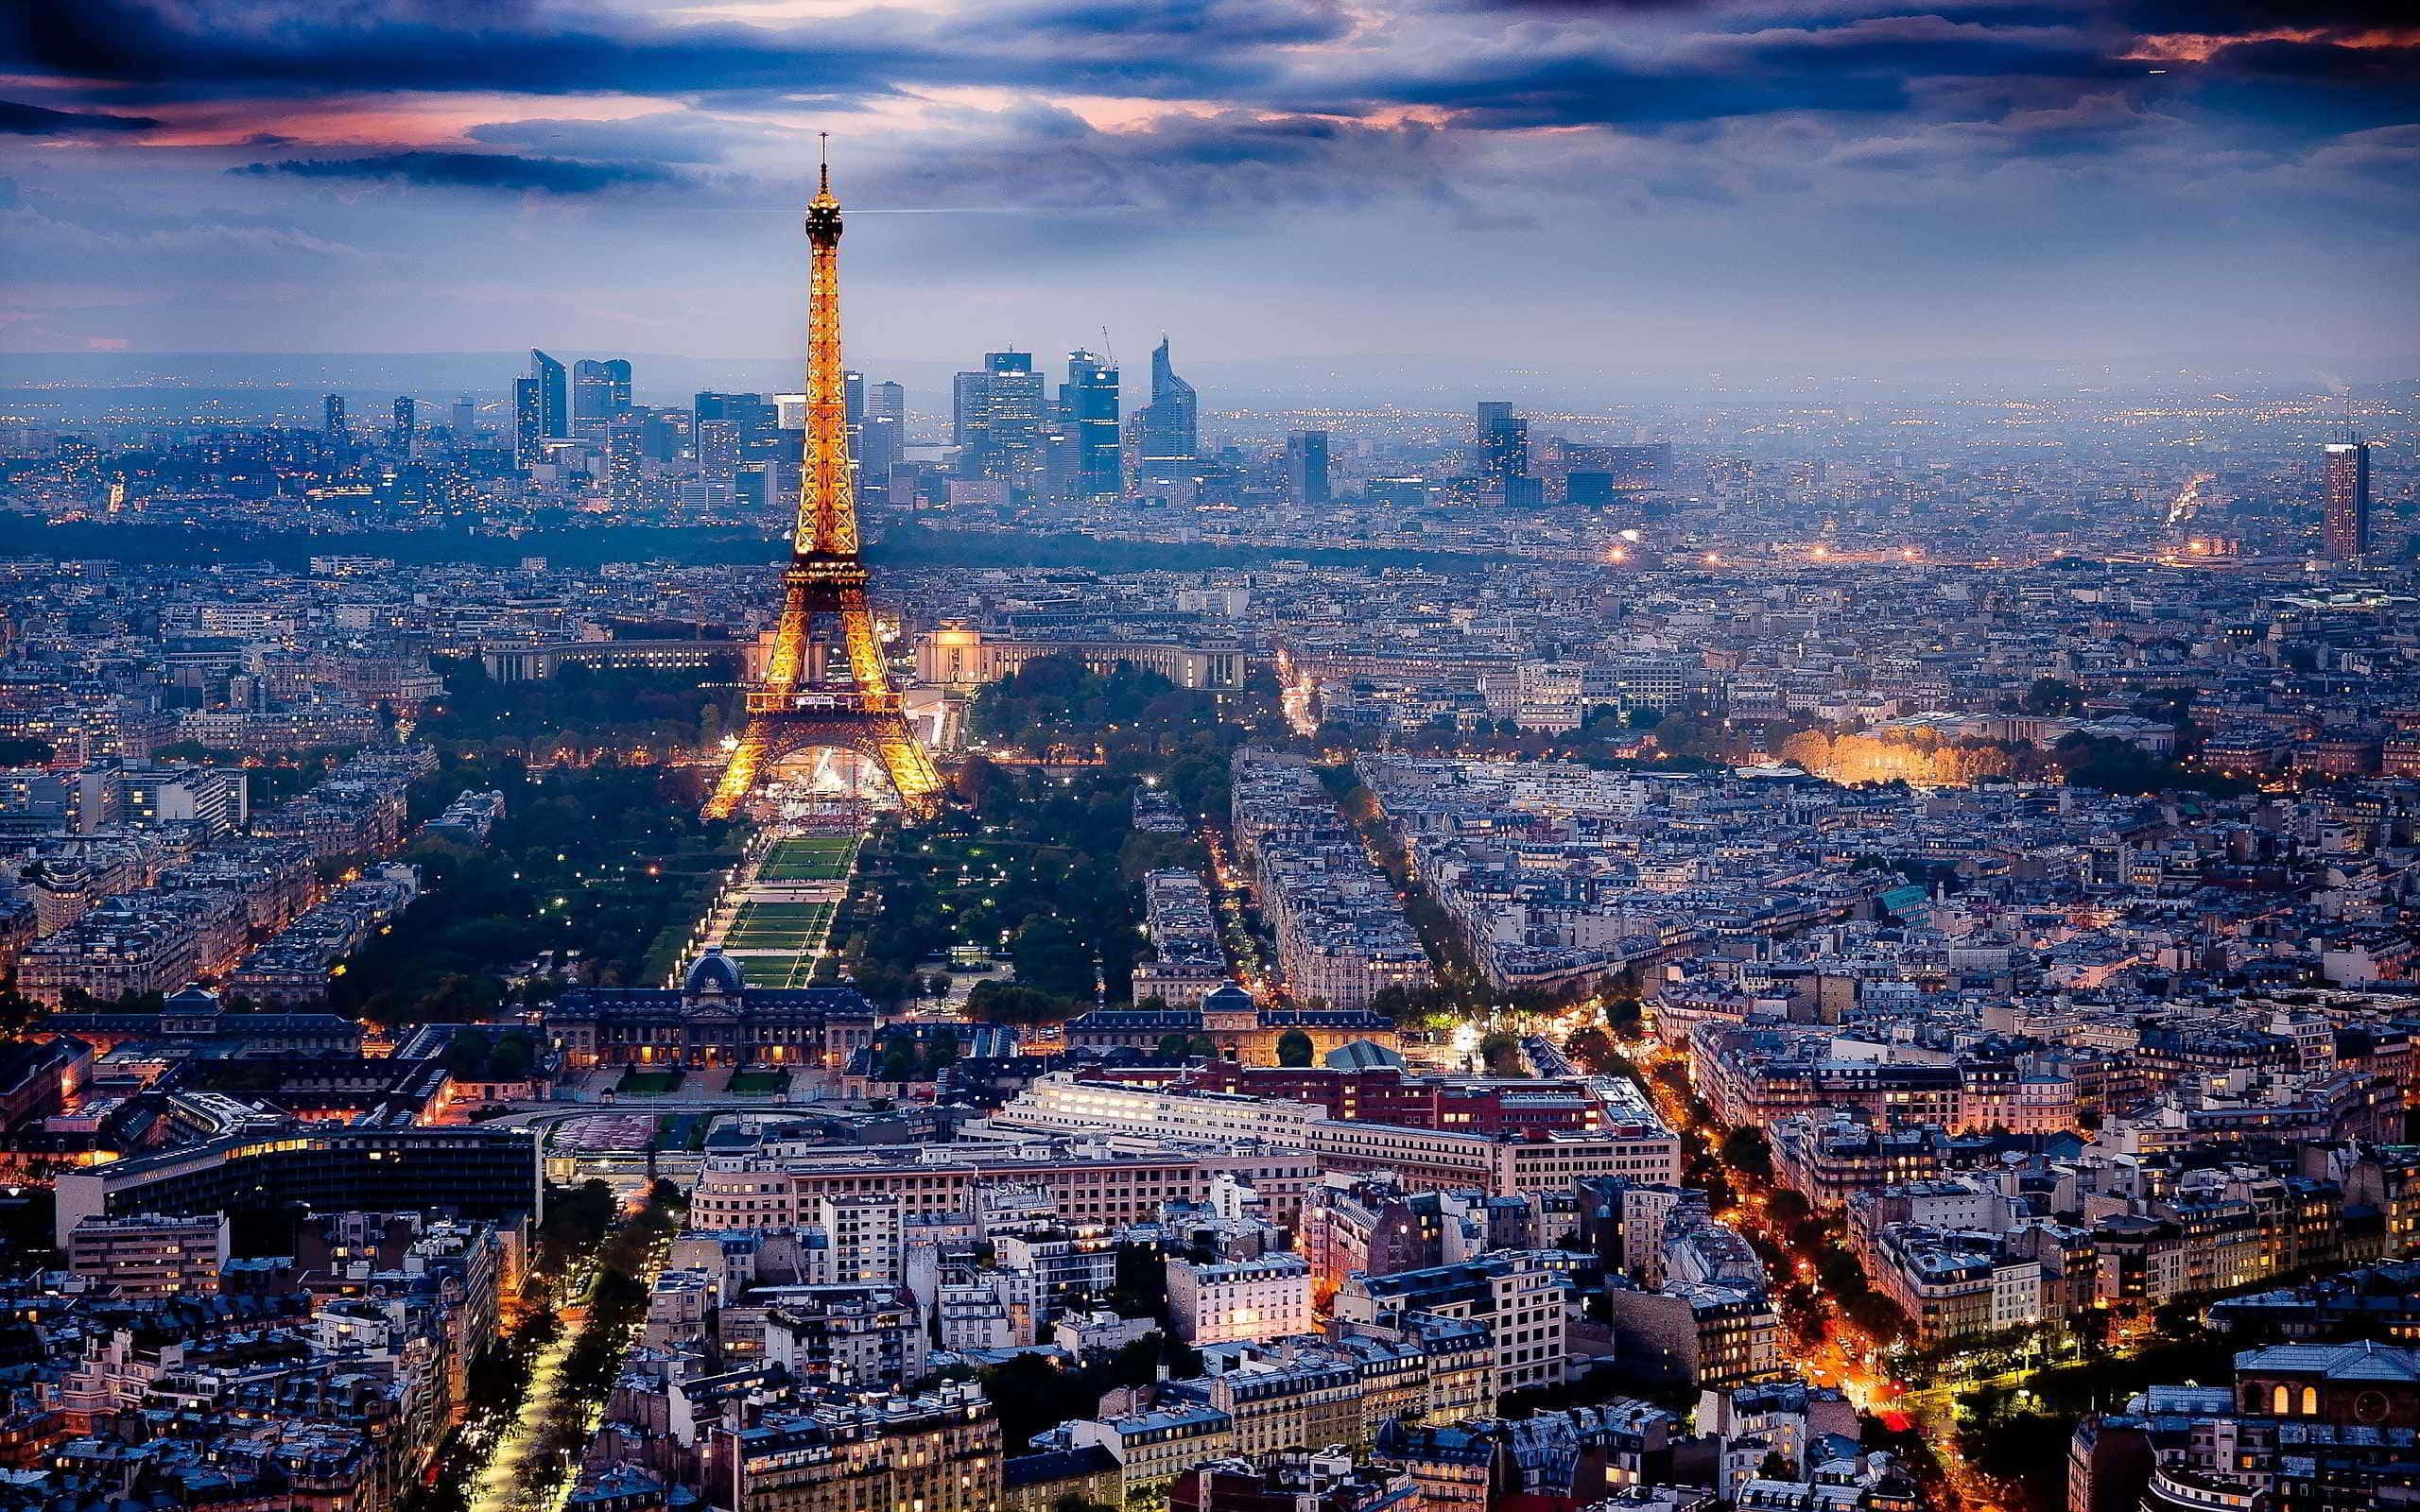 اشهر واجمل الساحات فى مدينة باريس فرنسا